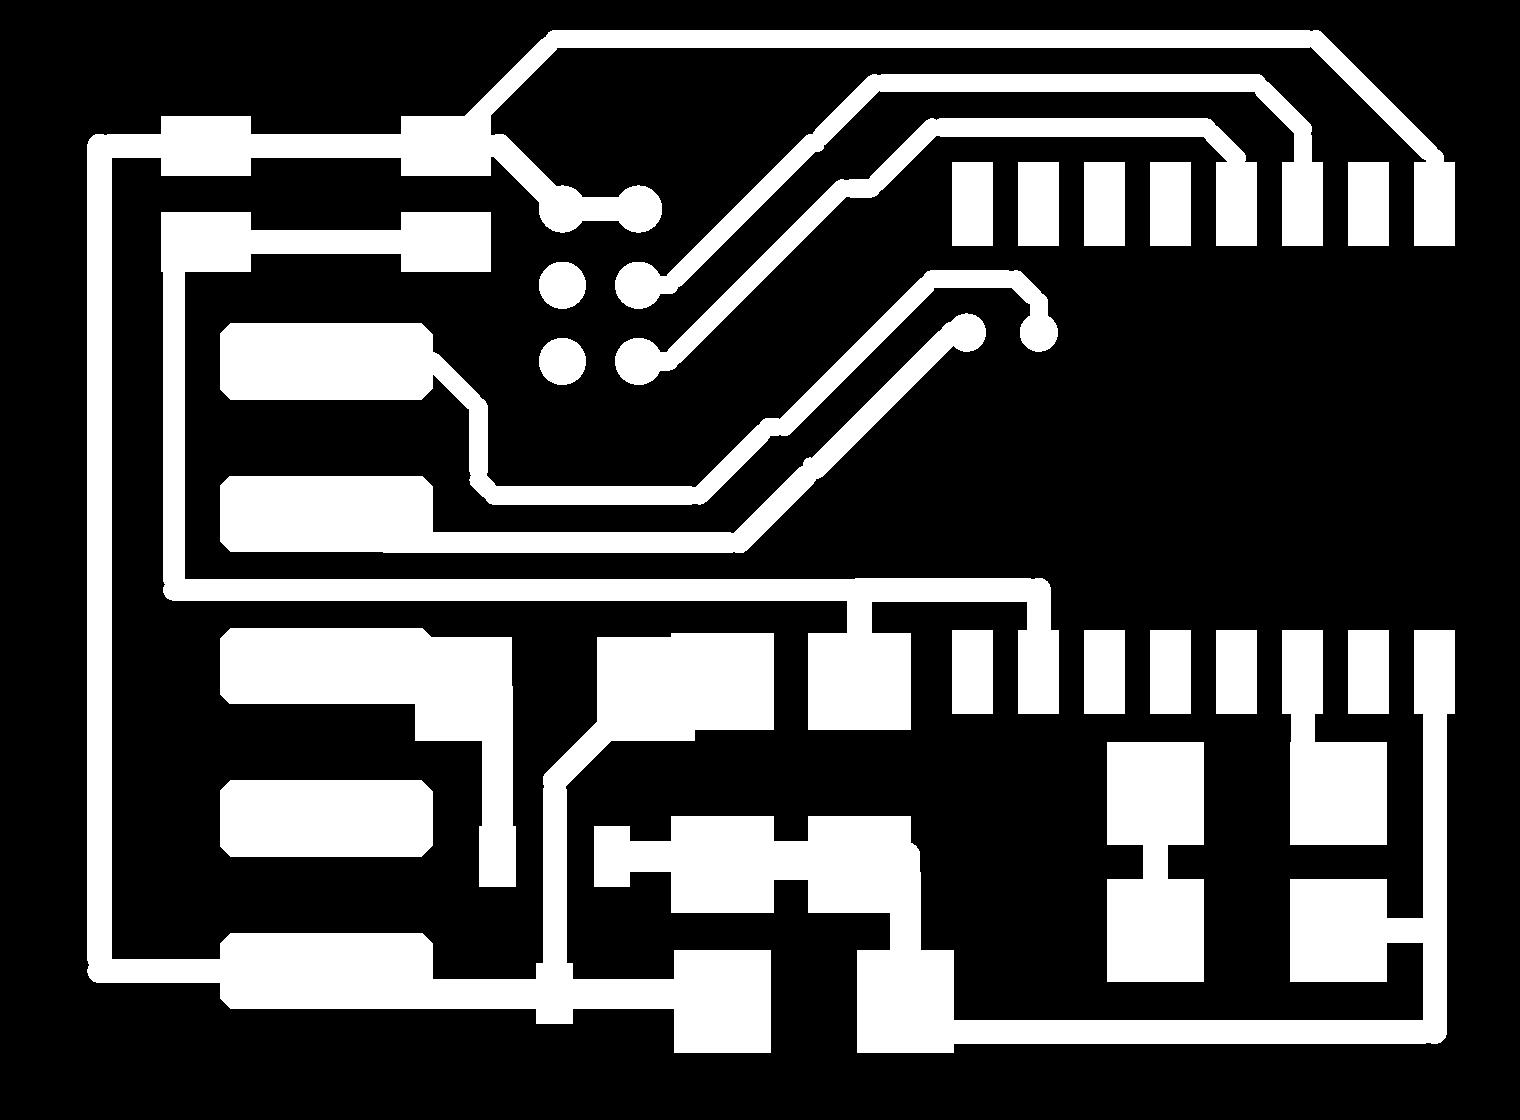 bc832-ftdi/bc832-nrf-ftdi-fab-traces.png